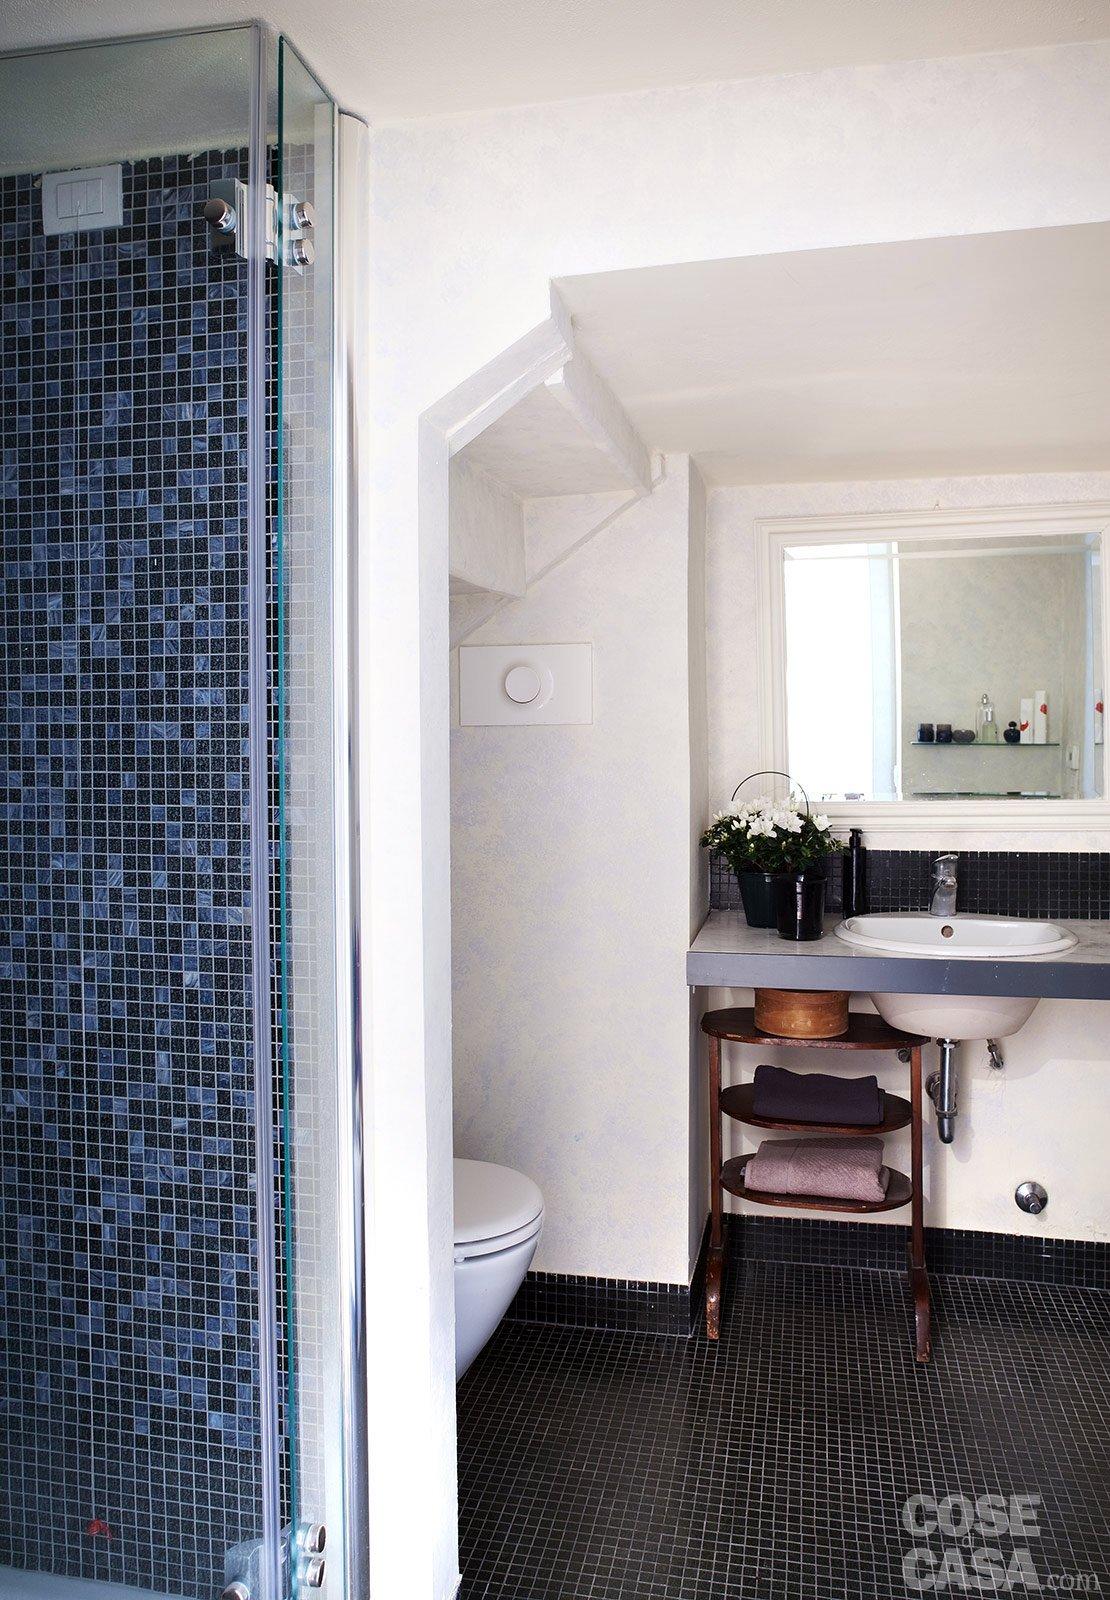 Monolocale una casa di 30 mq risolta al centimetro cose - Casa in muratura portante ...